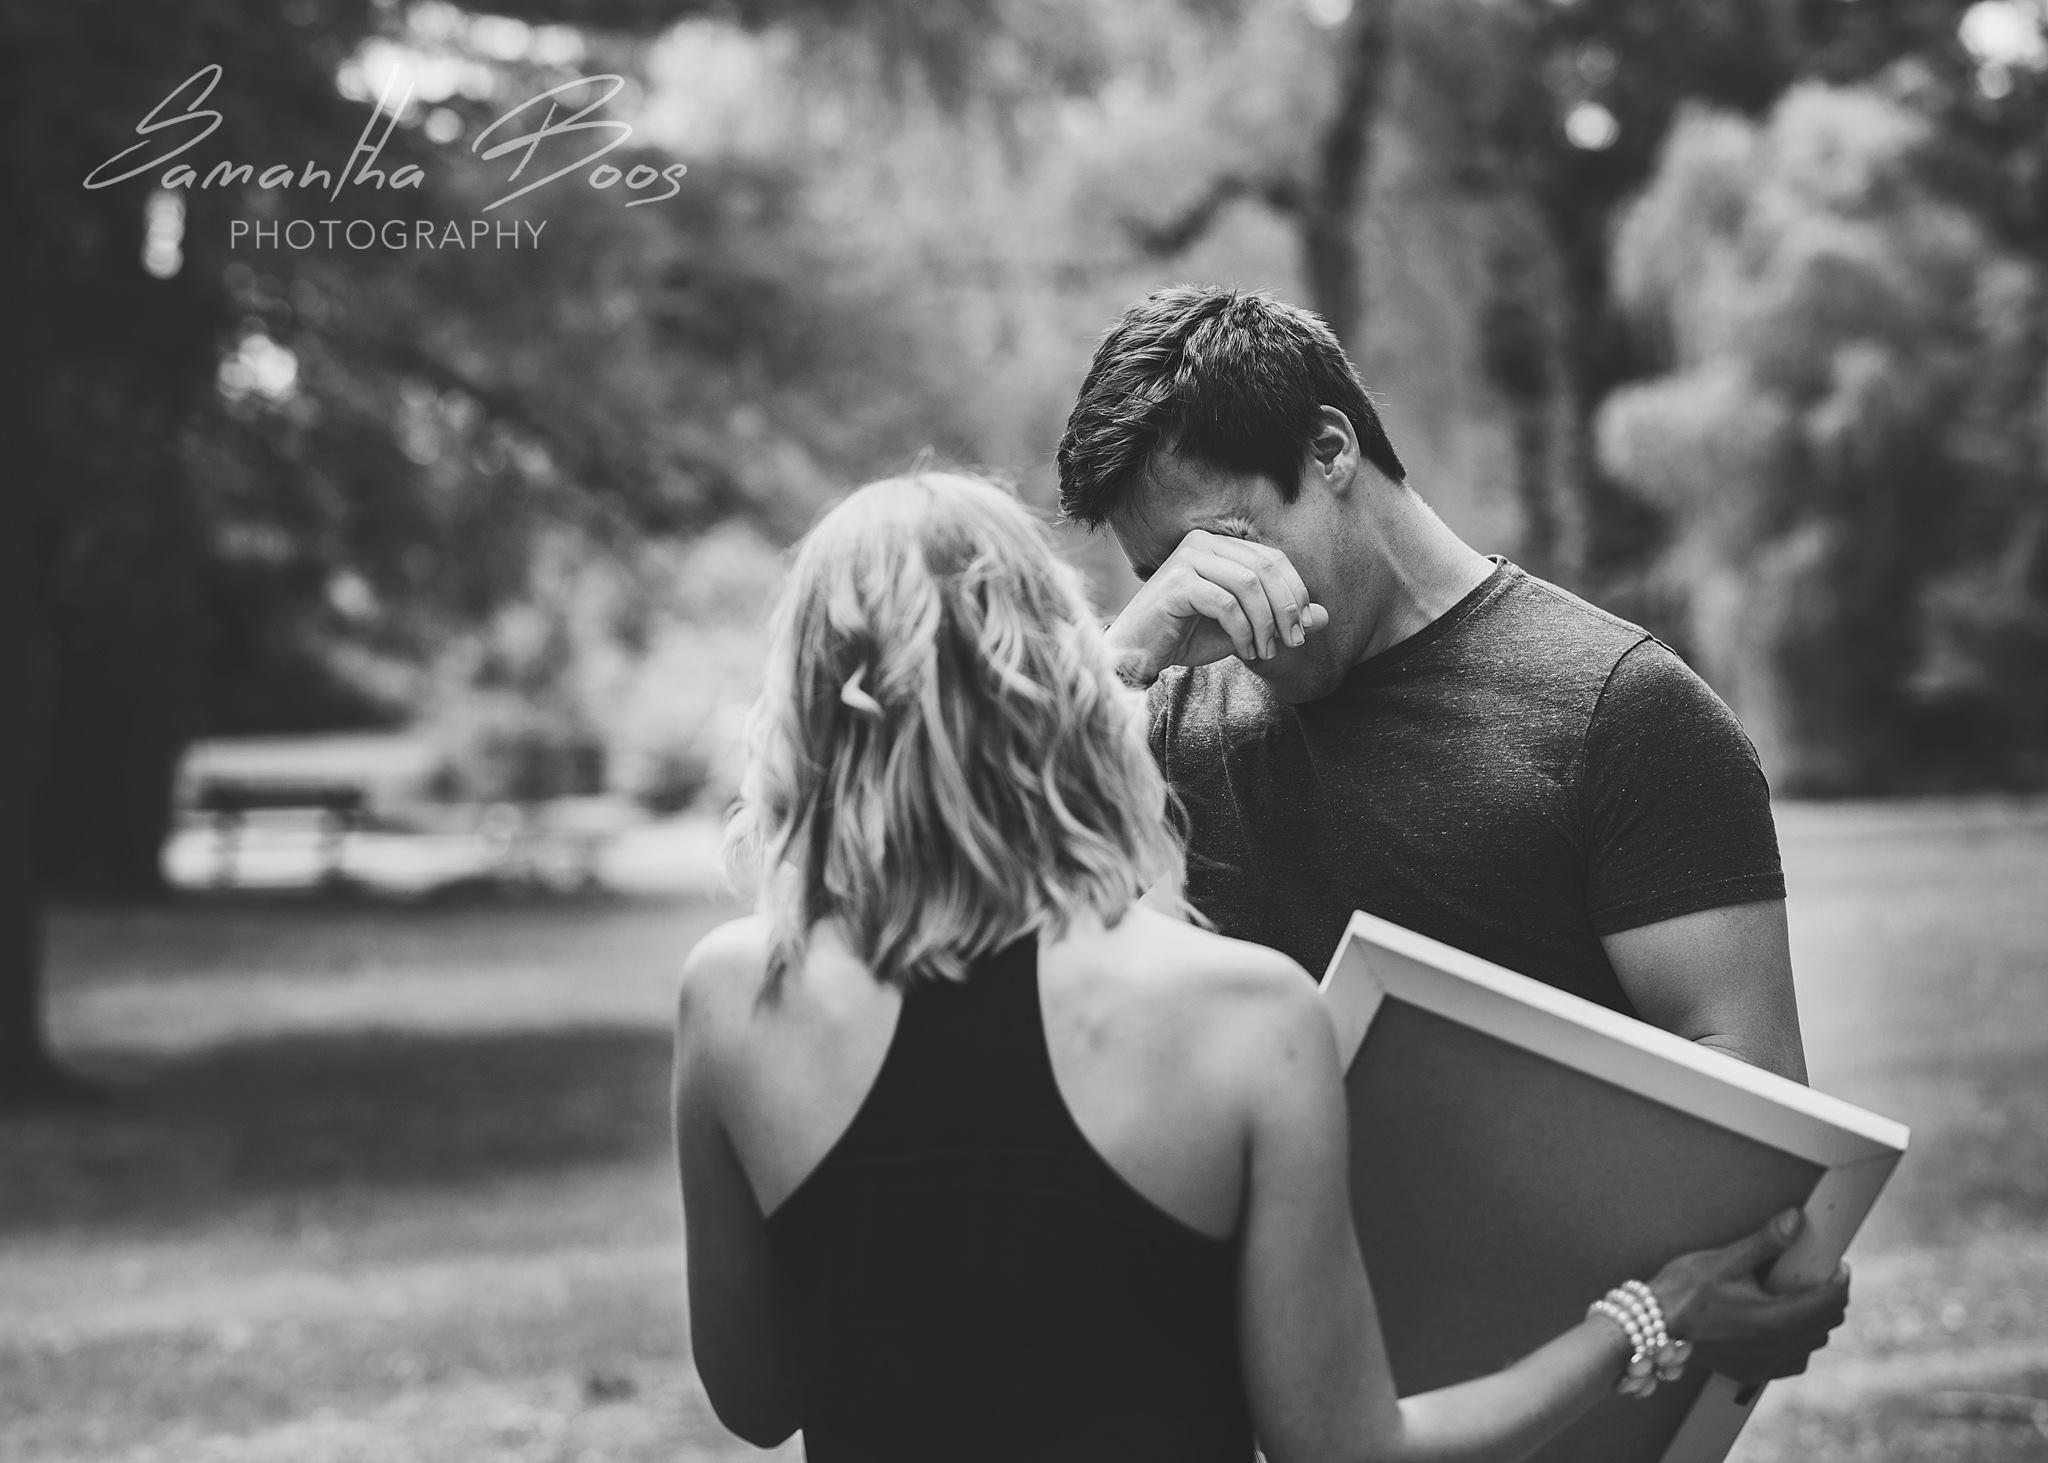 esposa_cria_ensaio_fotografico_falso_para_contar_ao_marido_que_esta_gravida_5